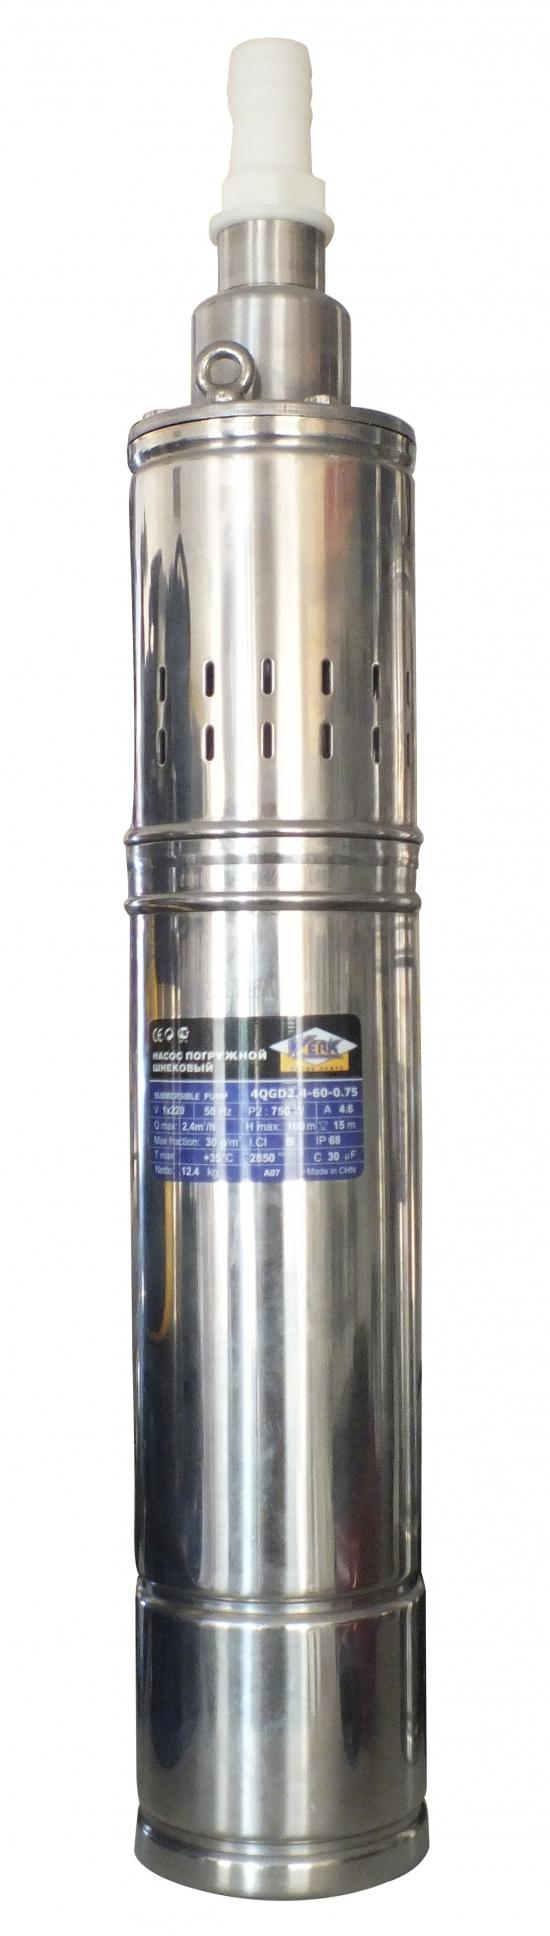 WERK 4QGD1.2-50-0.37 Скважинный насос